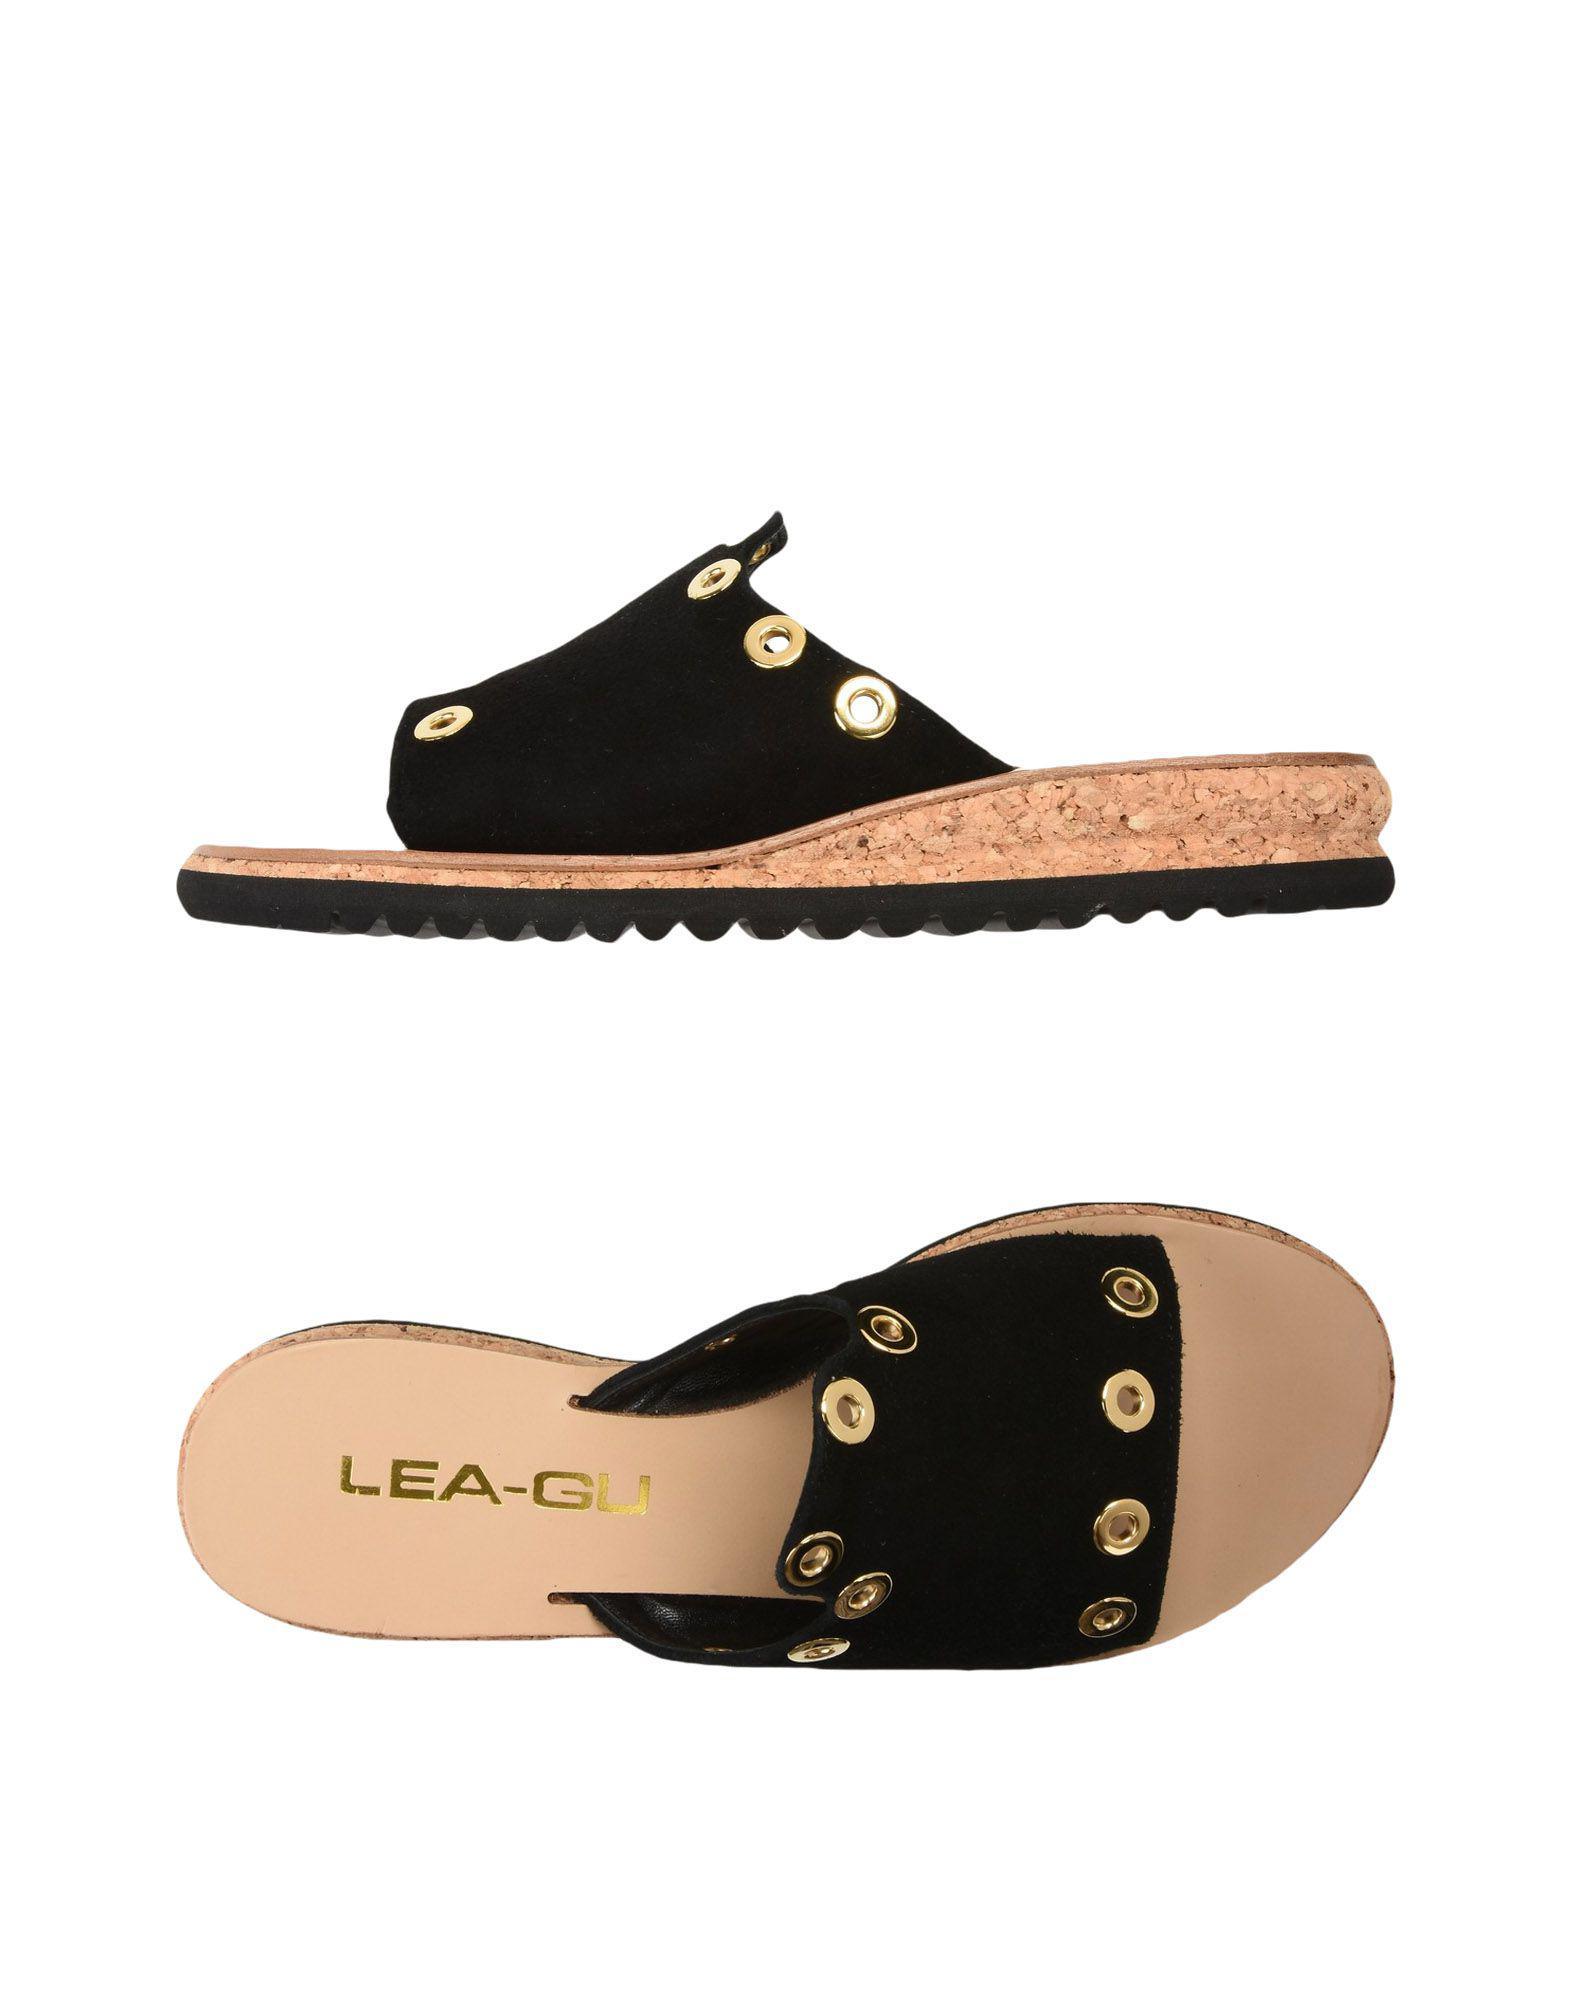 FOOTWEAR - Sandals Lea-Gu 0y3mEl